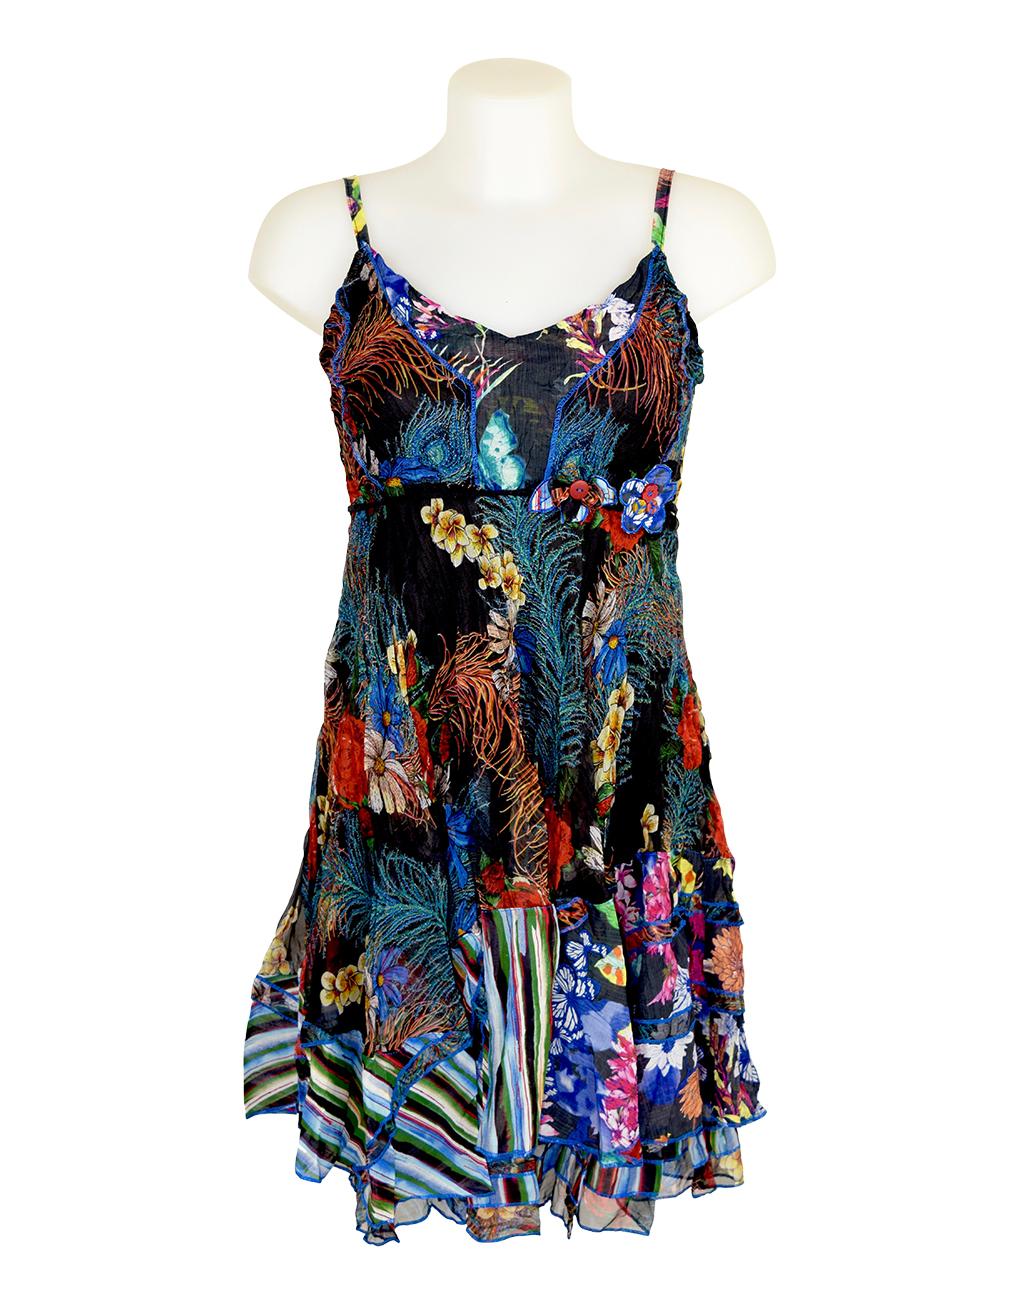 Sensations Pour Elle Black Floral Dress One Size